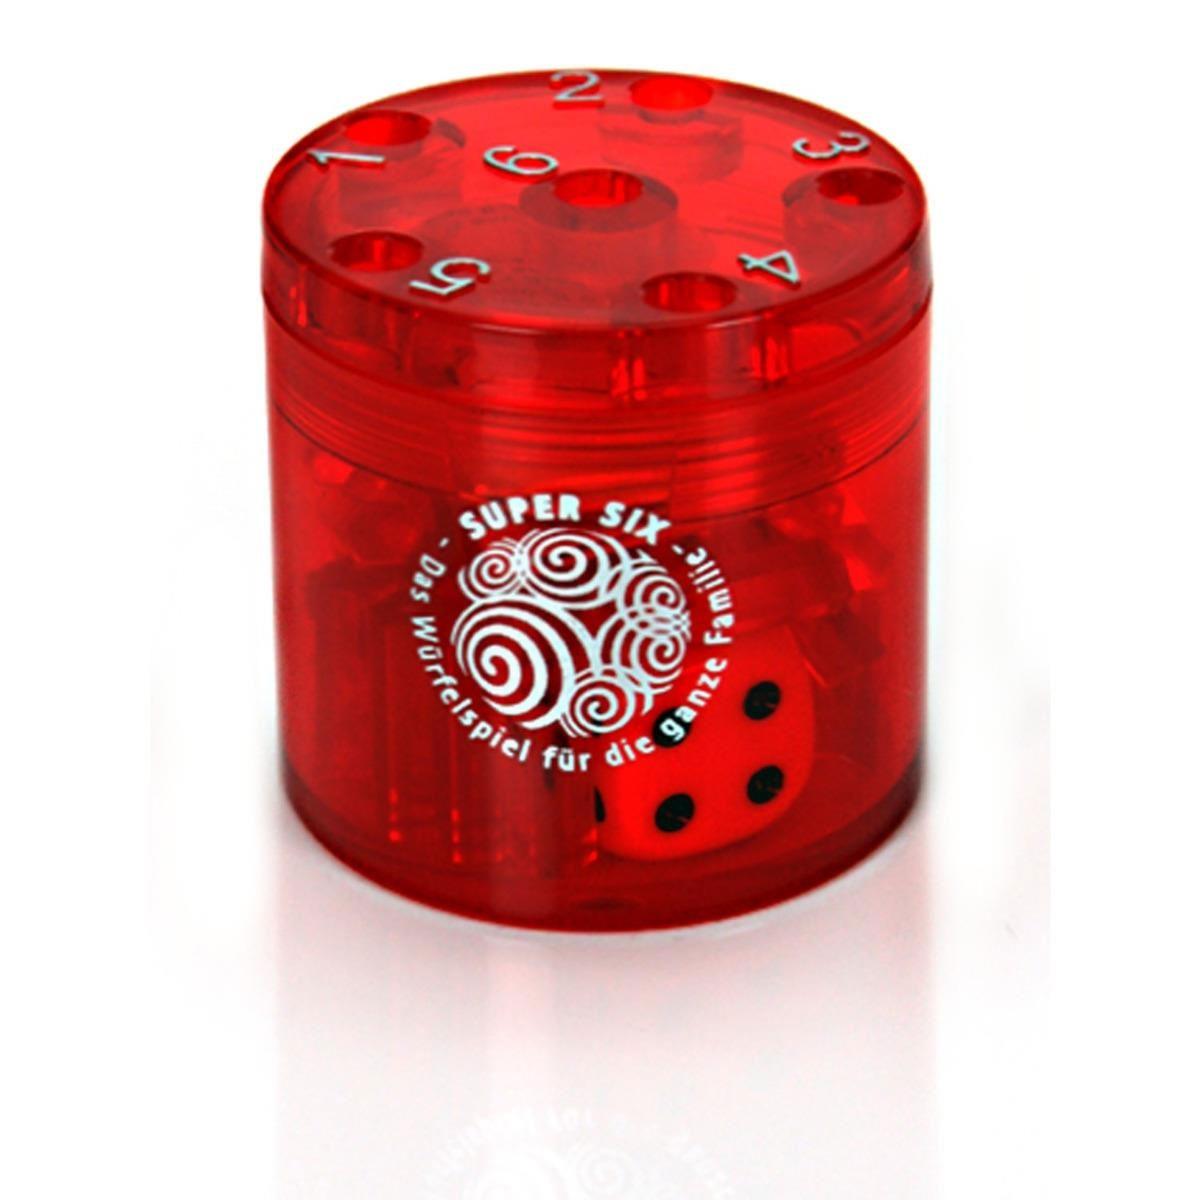 Super Six Würfelspiel rot